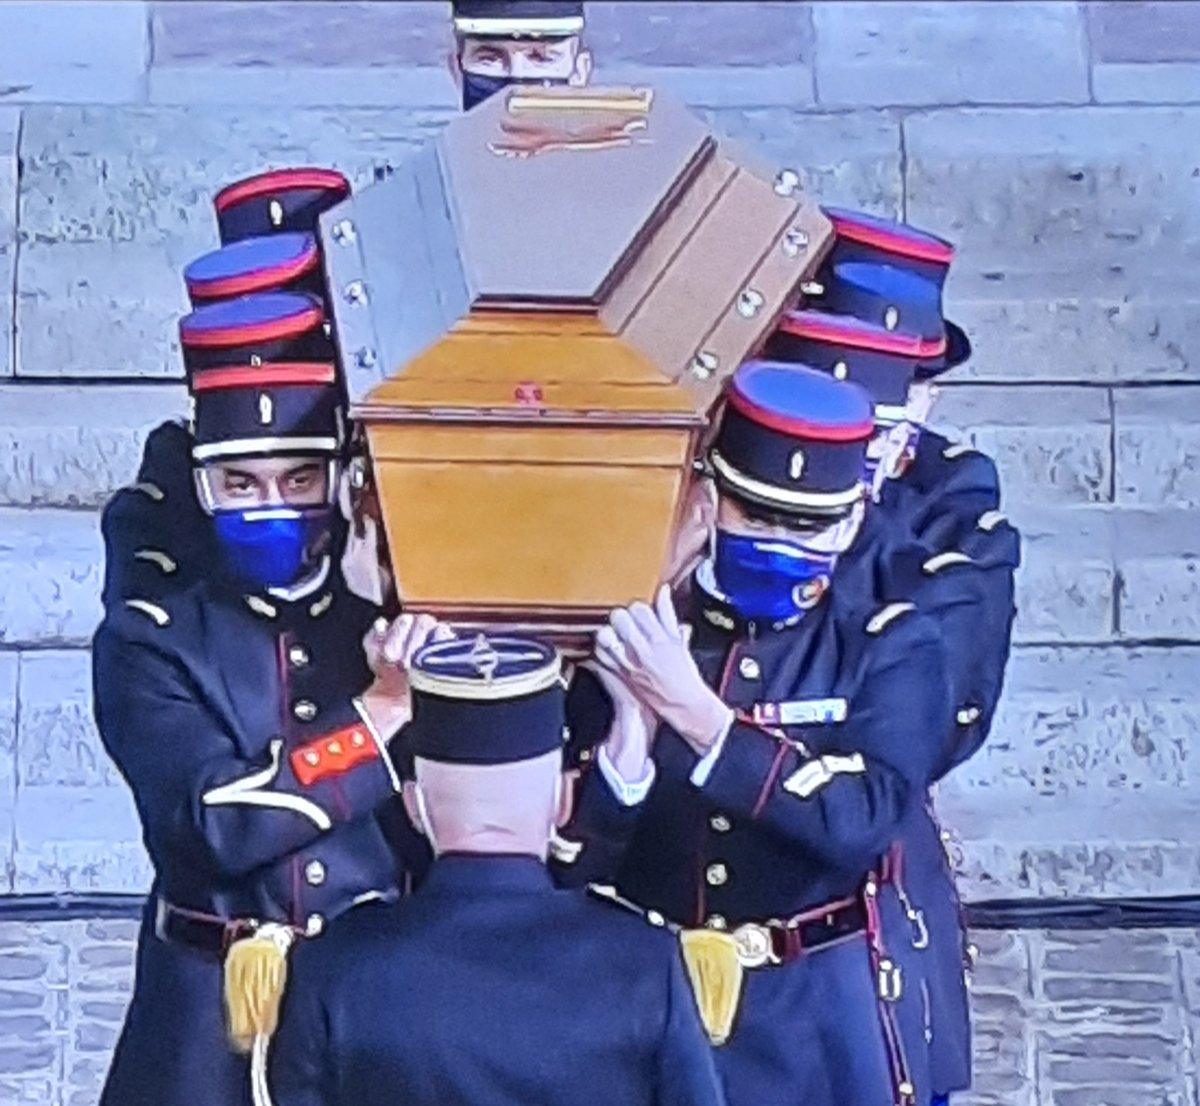 Hommage émouvant à Samuel Paty devant la Sorbonne. Vive léducation. Vive la liberté dexpression. Vive la la démocratie. #HommageSamuelPaty